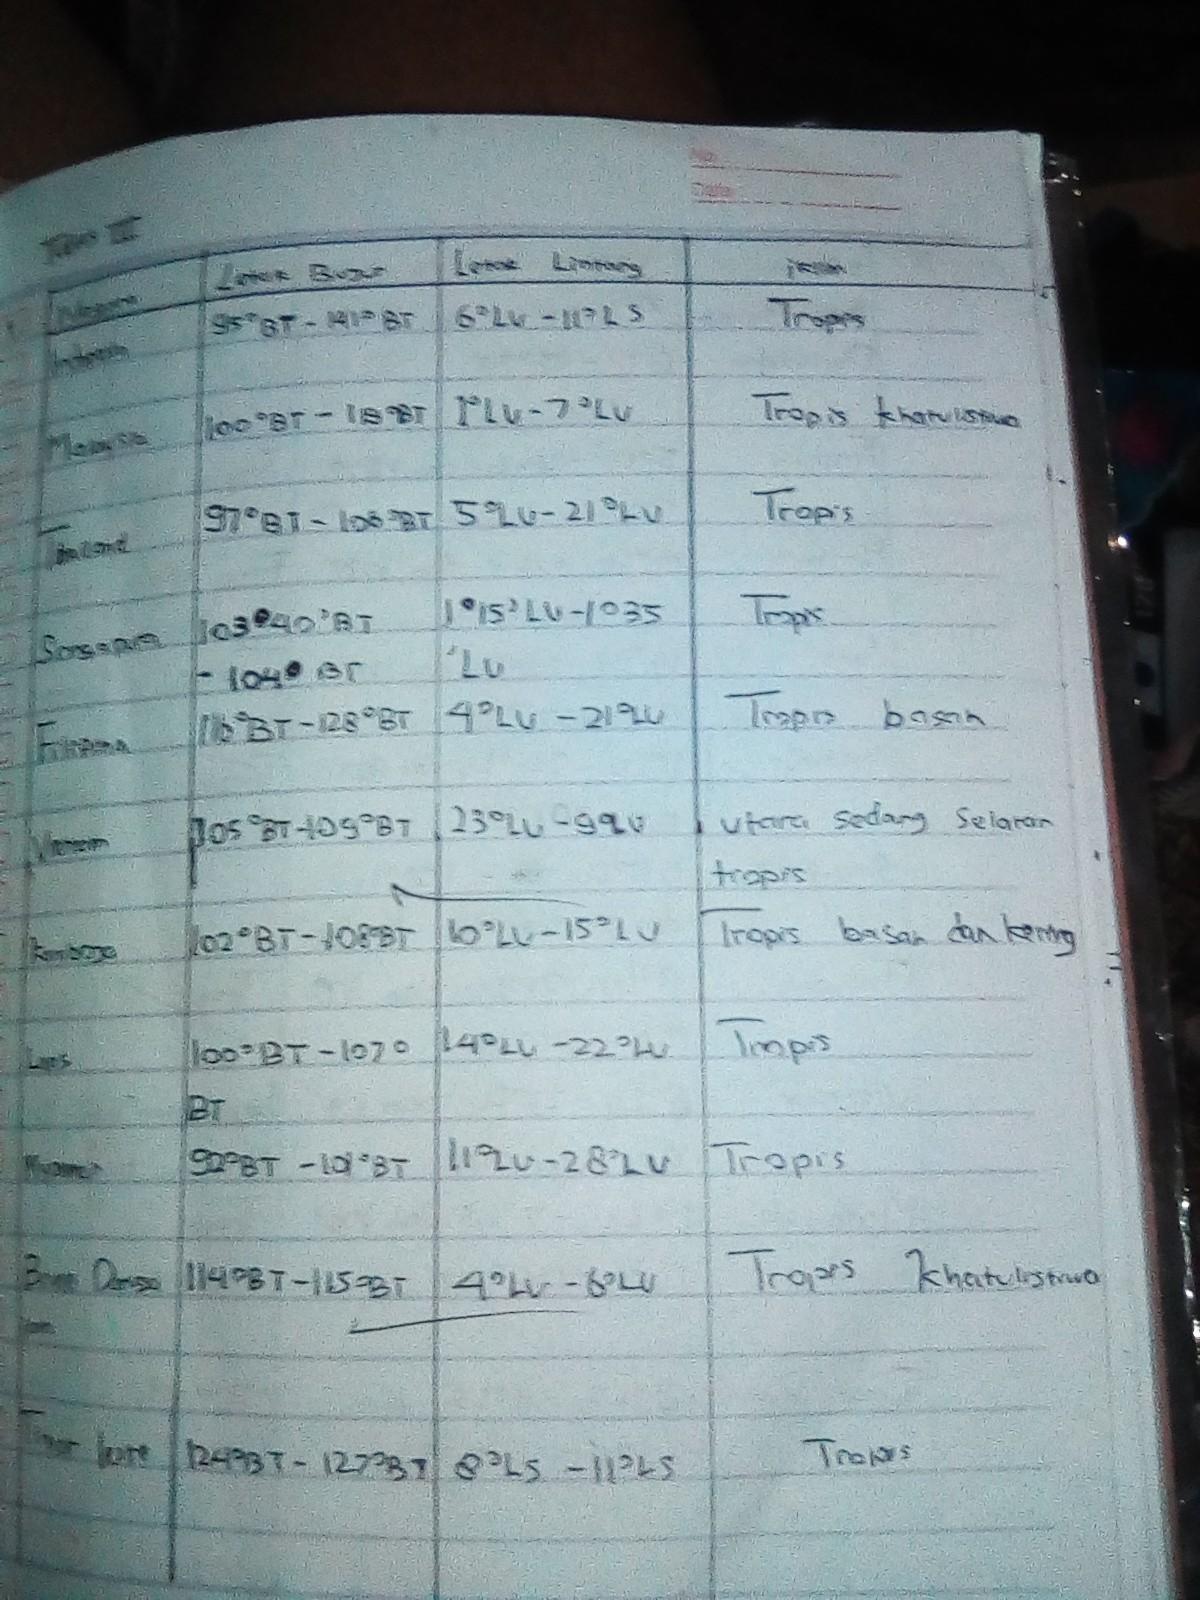 Letak Astronomis Asean : letak, astronomis, asean, Tulis, Negara, Asean, Masing, Jelaskan, Letak, Astronomis,, Geografis,, Geologis,iklim,bentang, Brainly.co.id